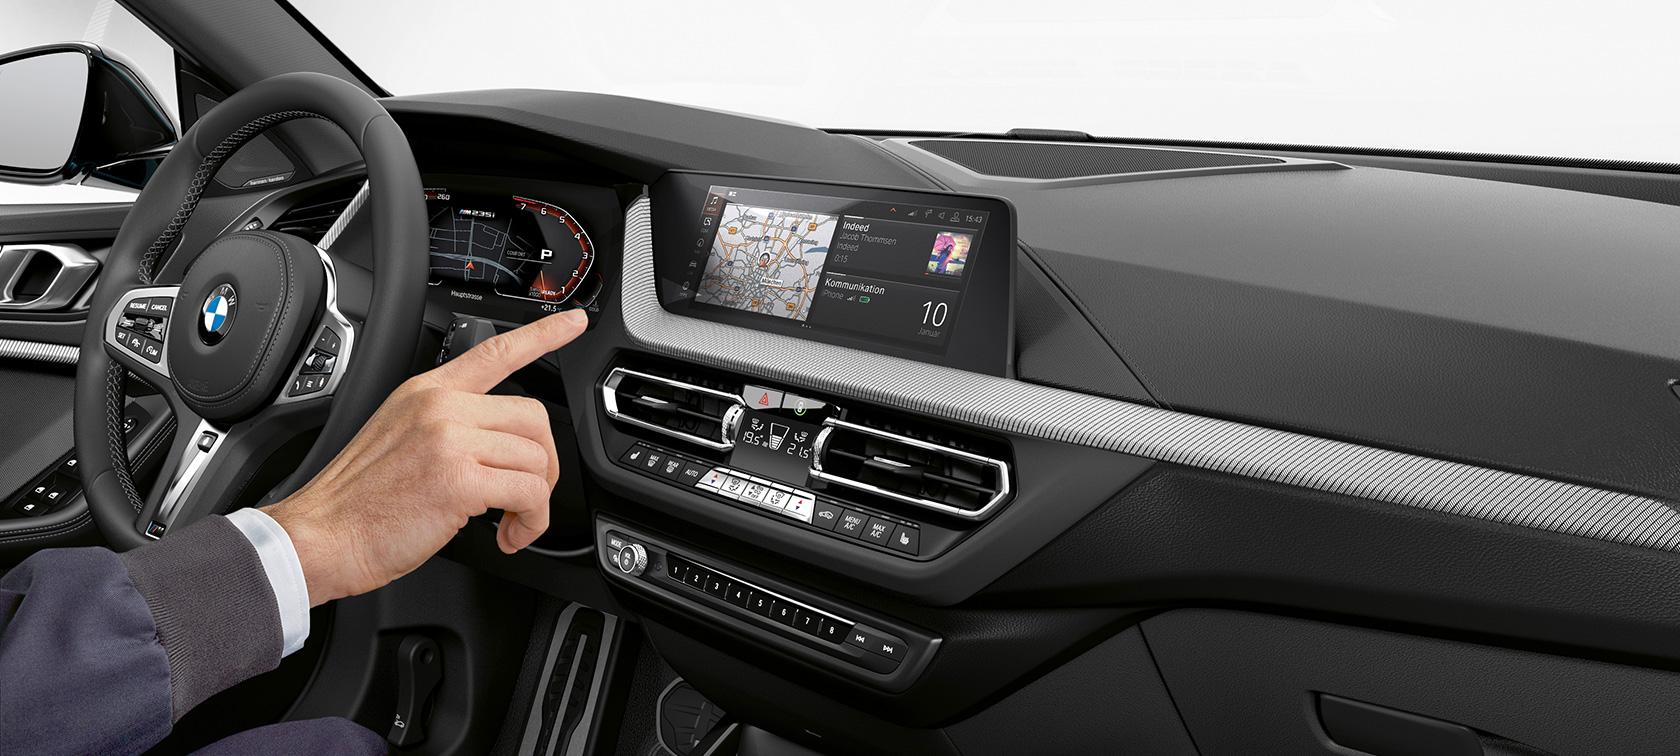 BMW 2 Series Gran Coupé: Models & Equipment | bmw.com.sg